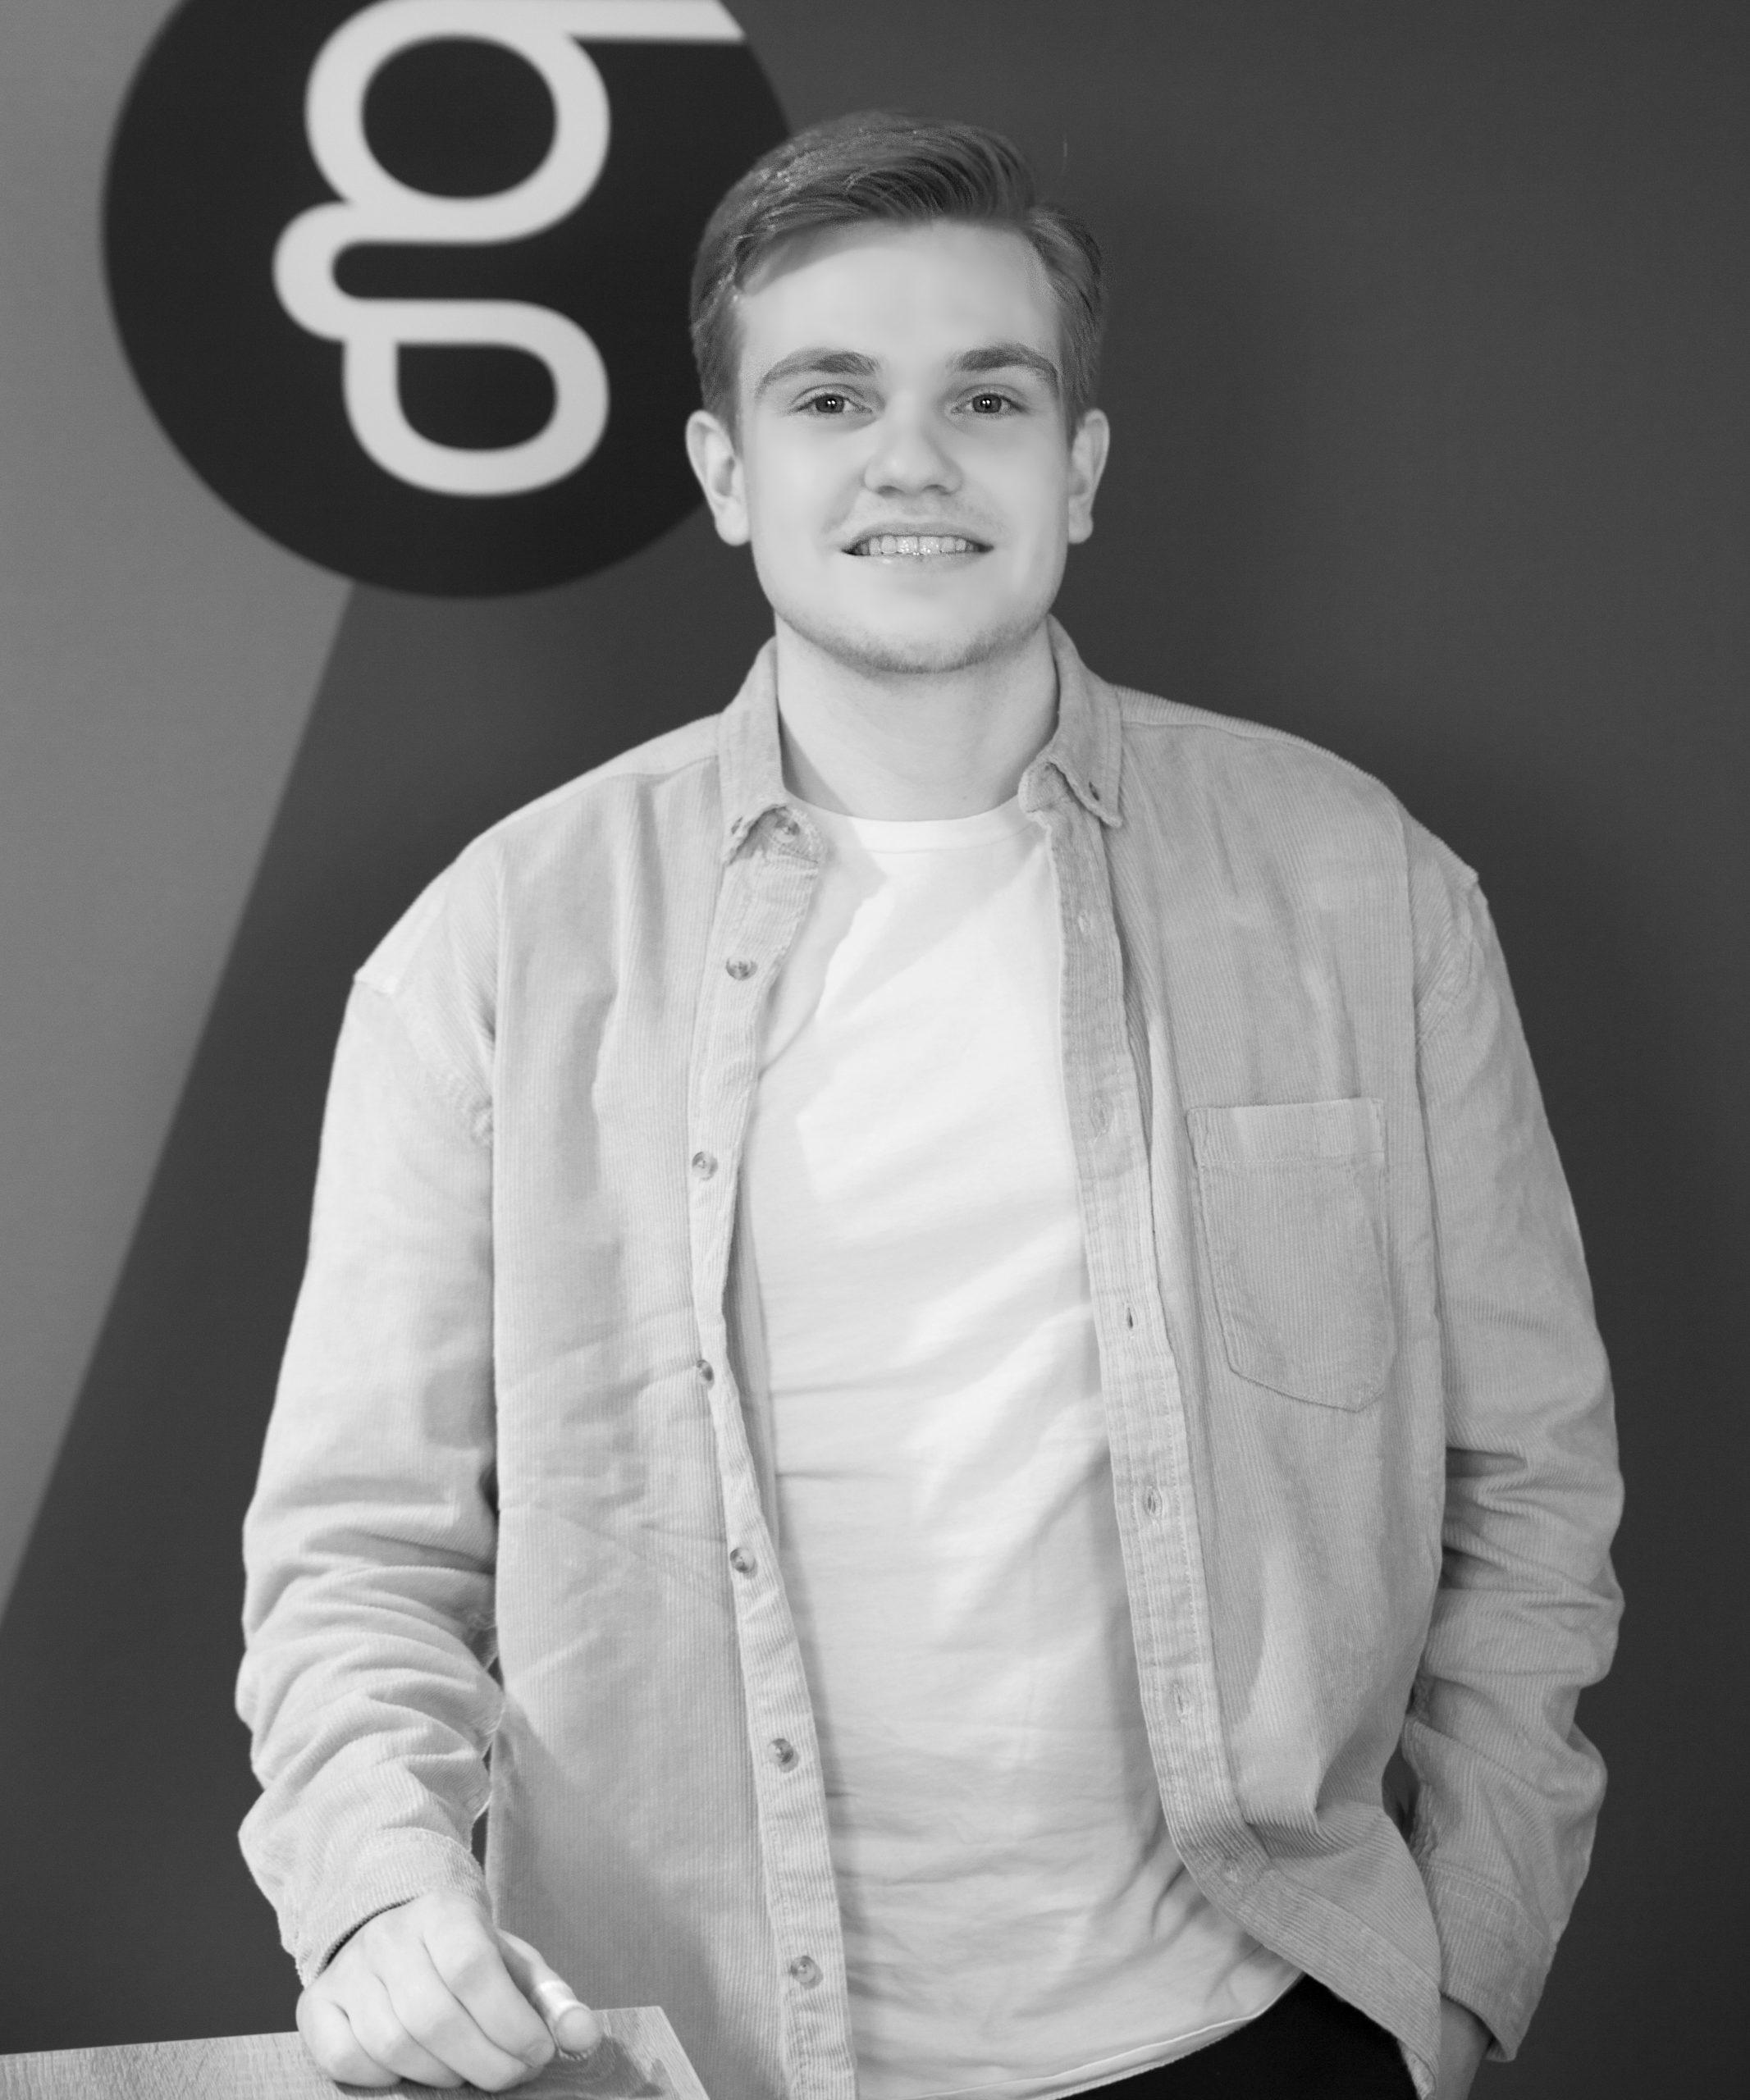 Sander Bos